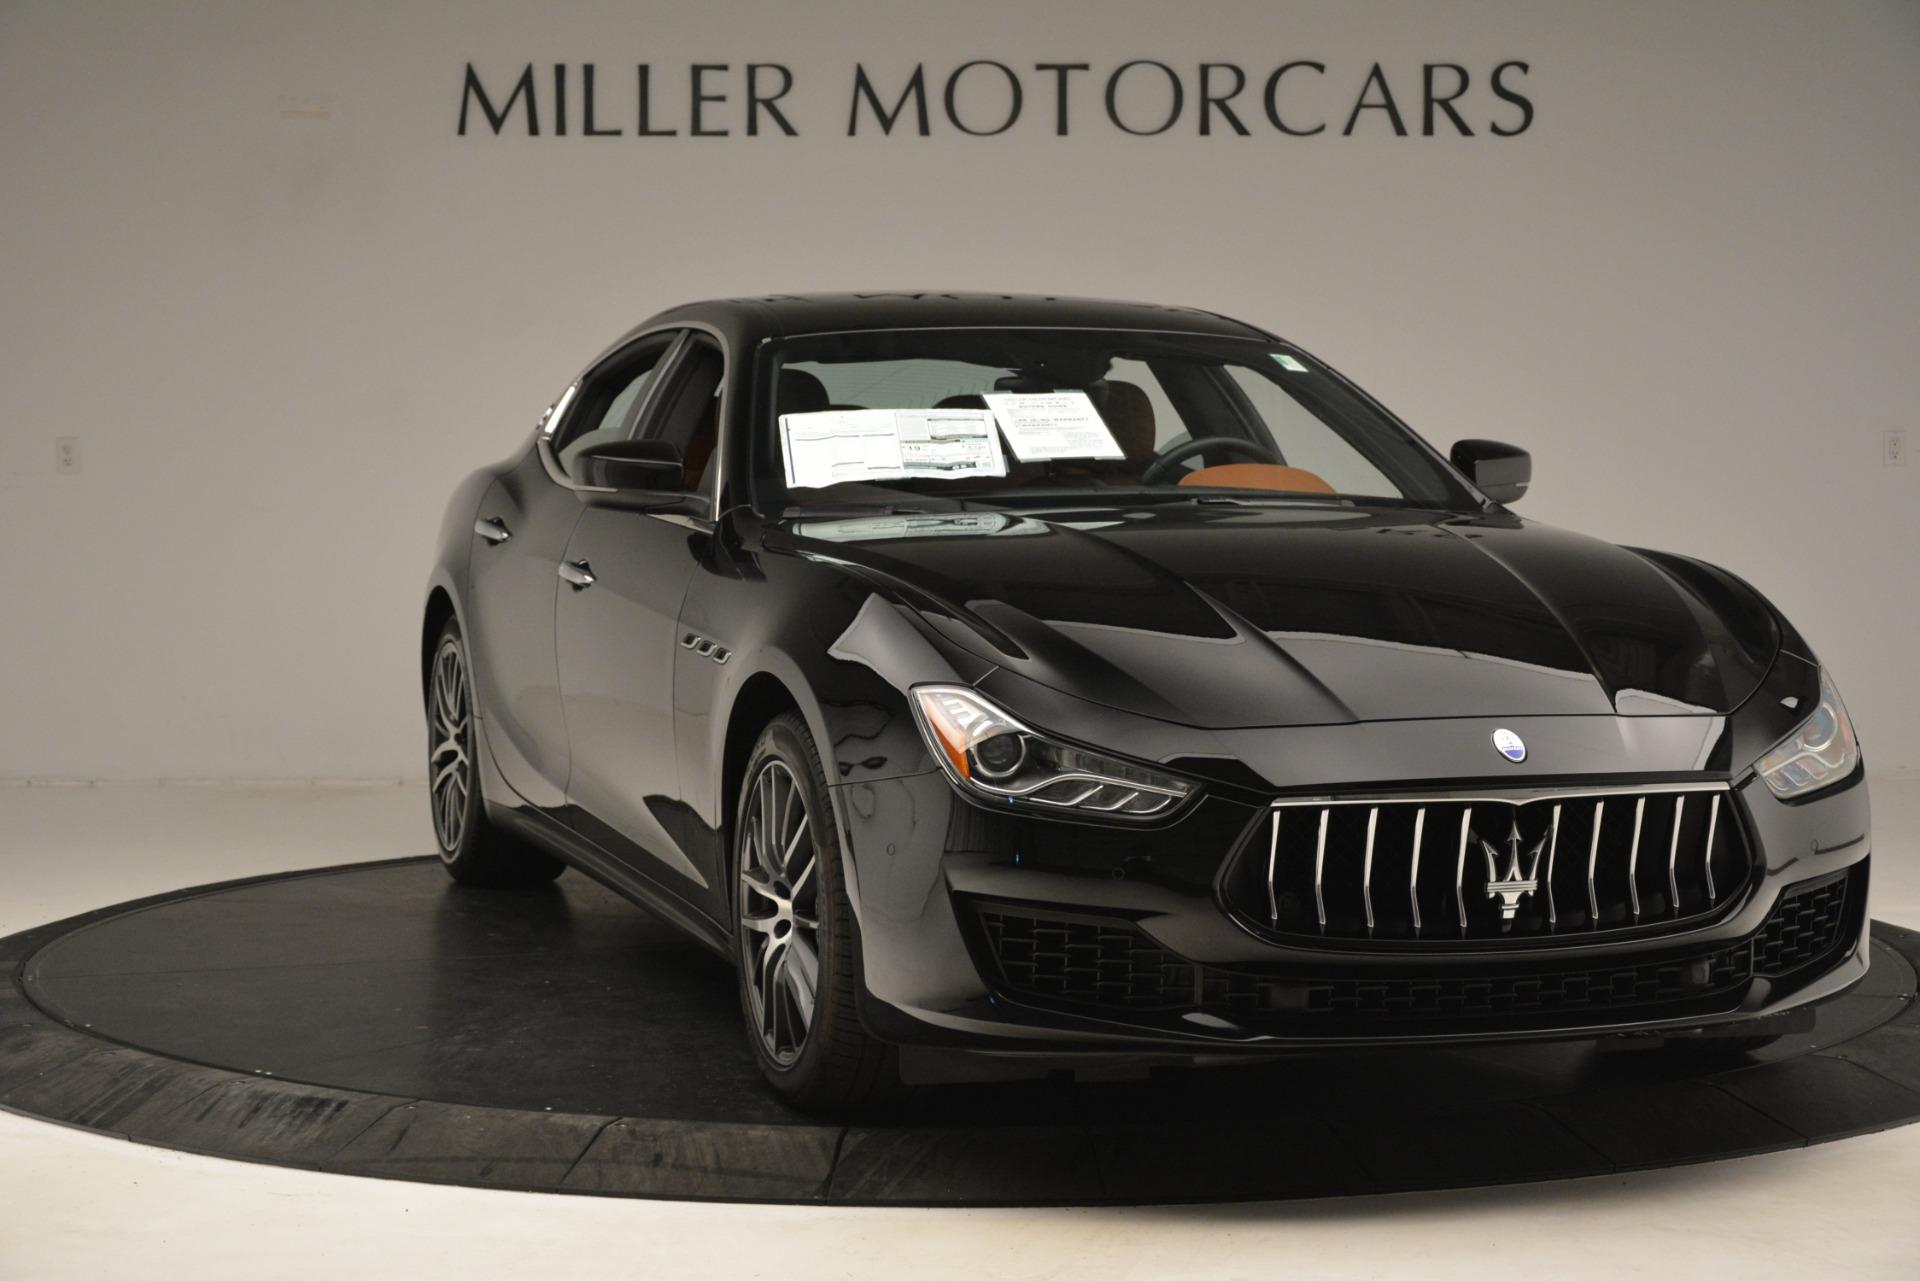 New 2019 Maserati Ghibli S Q4 For Sale In Greenwich, CT. Alfa Romeo of Greenwich, M2238 2793_p11